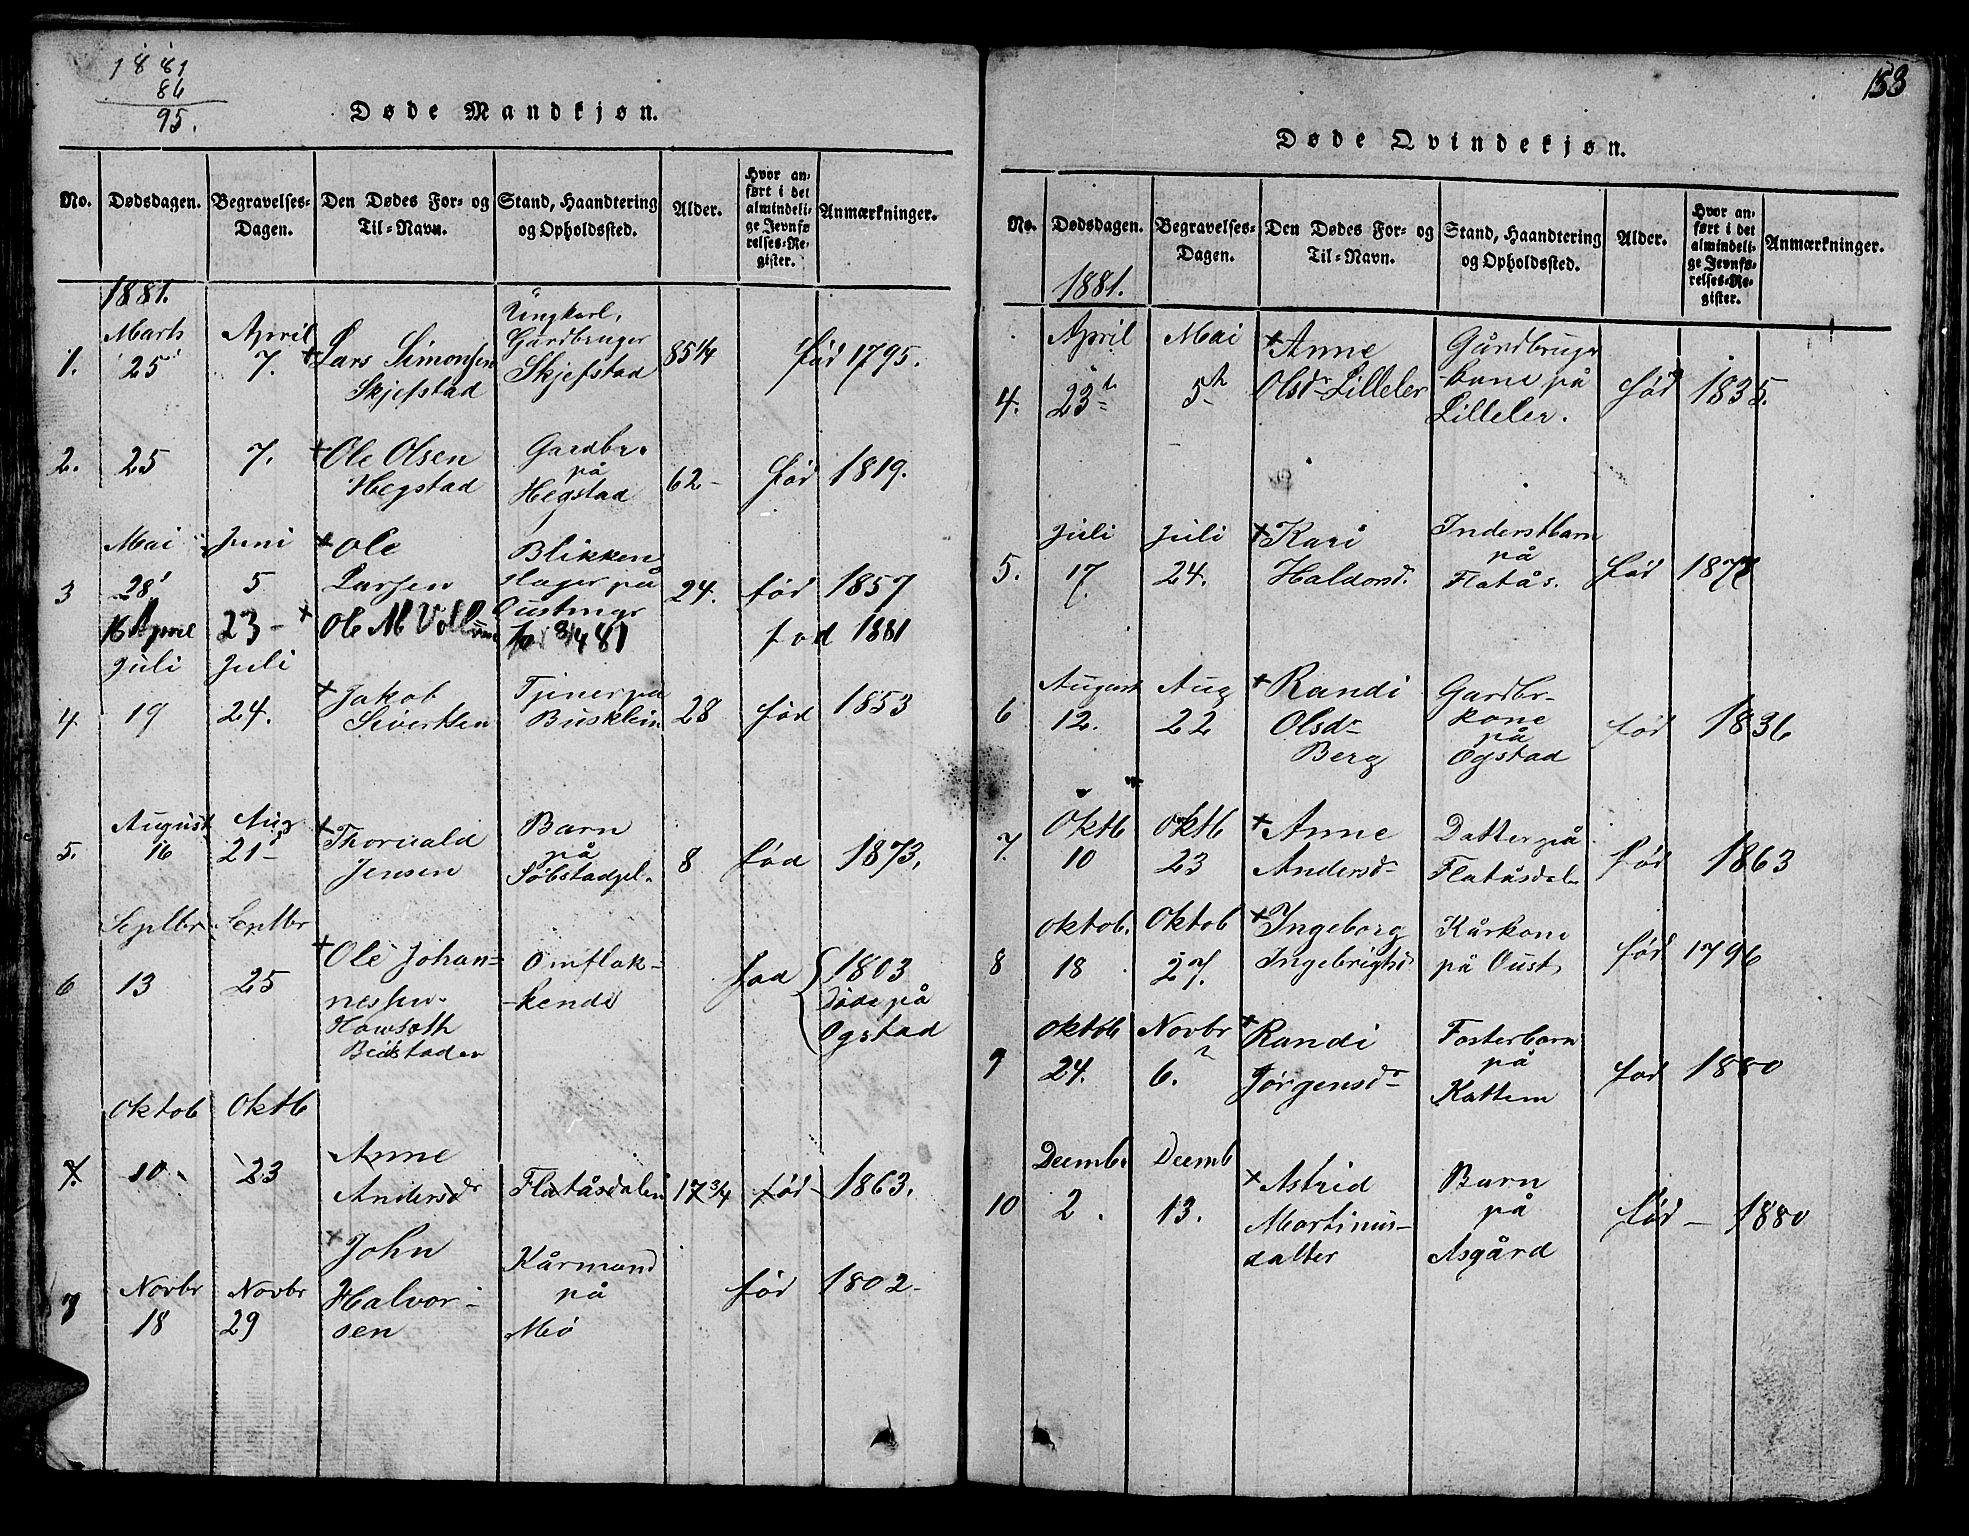 SAT, Ministerialprotokoller, klokkerbøker og fødselsregistre - Sør-Trøndelag, 613/L0393: Klokkerbok nr. 613C01, 1816-1886, s. 153